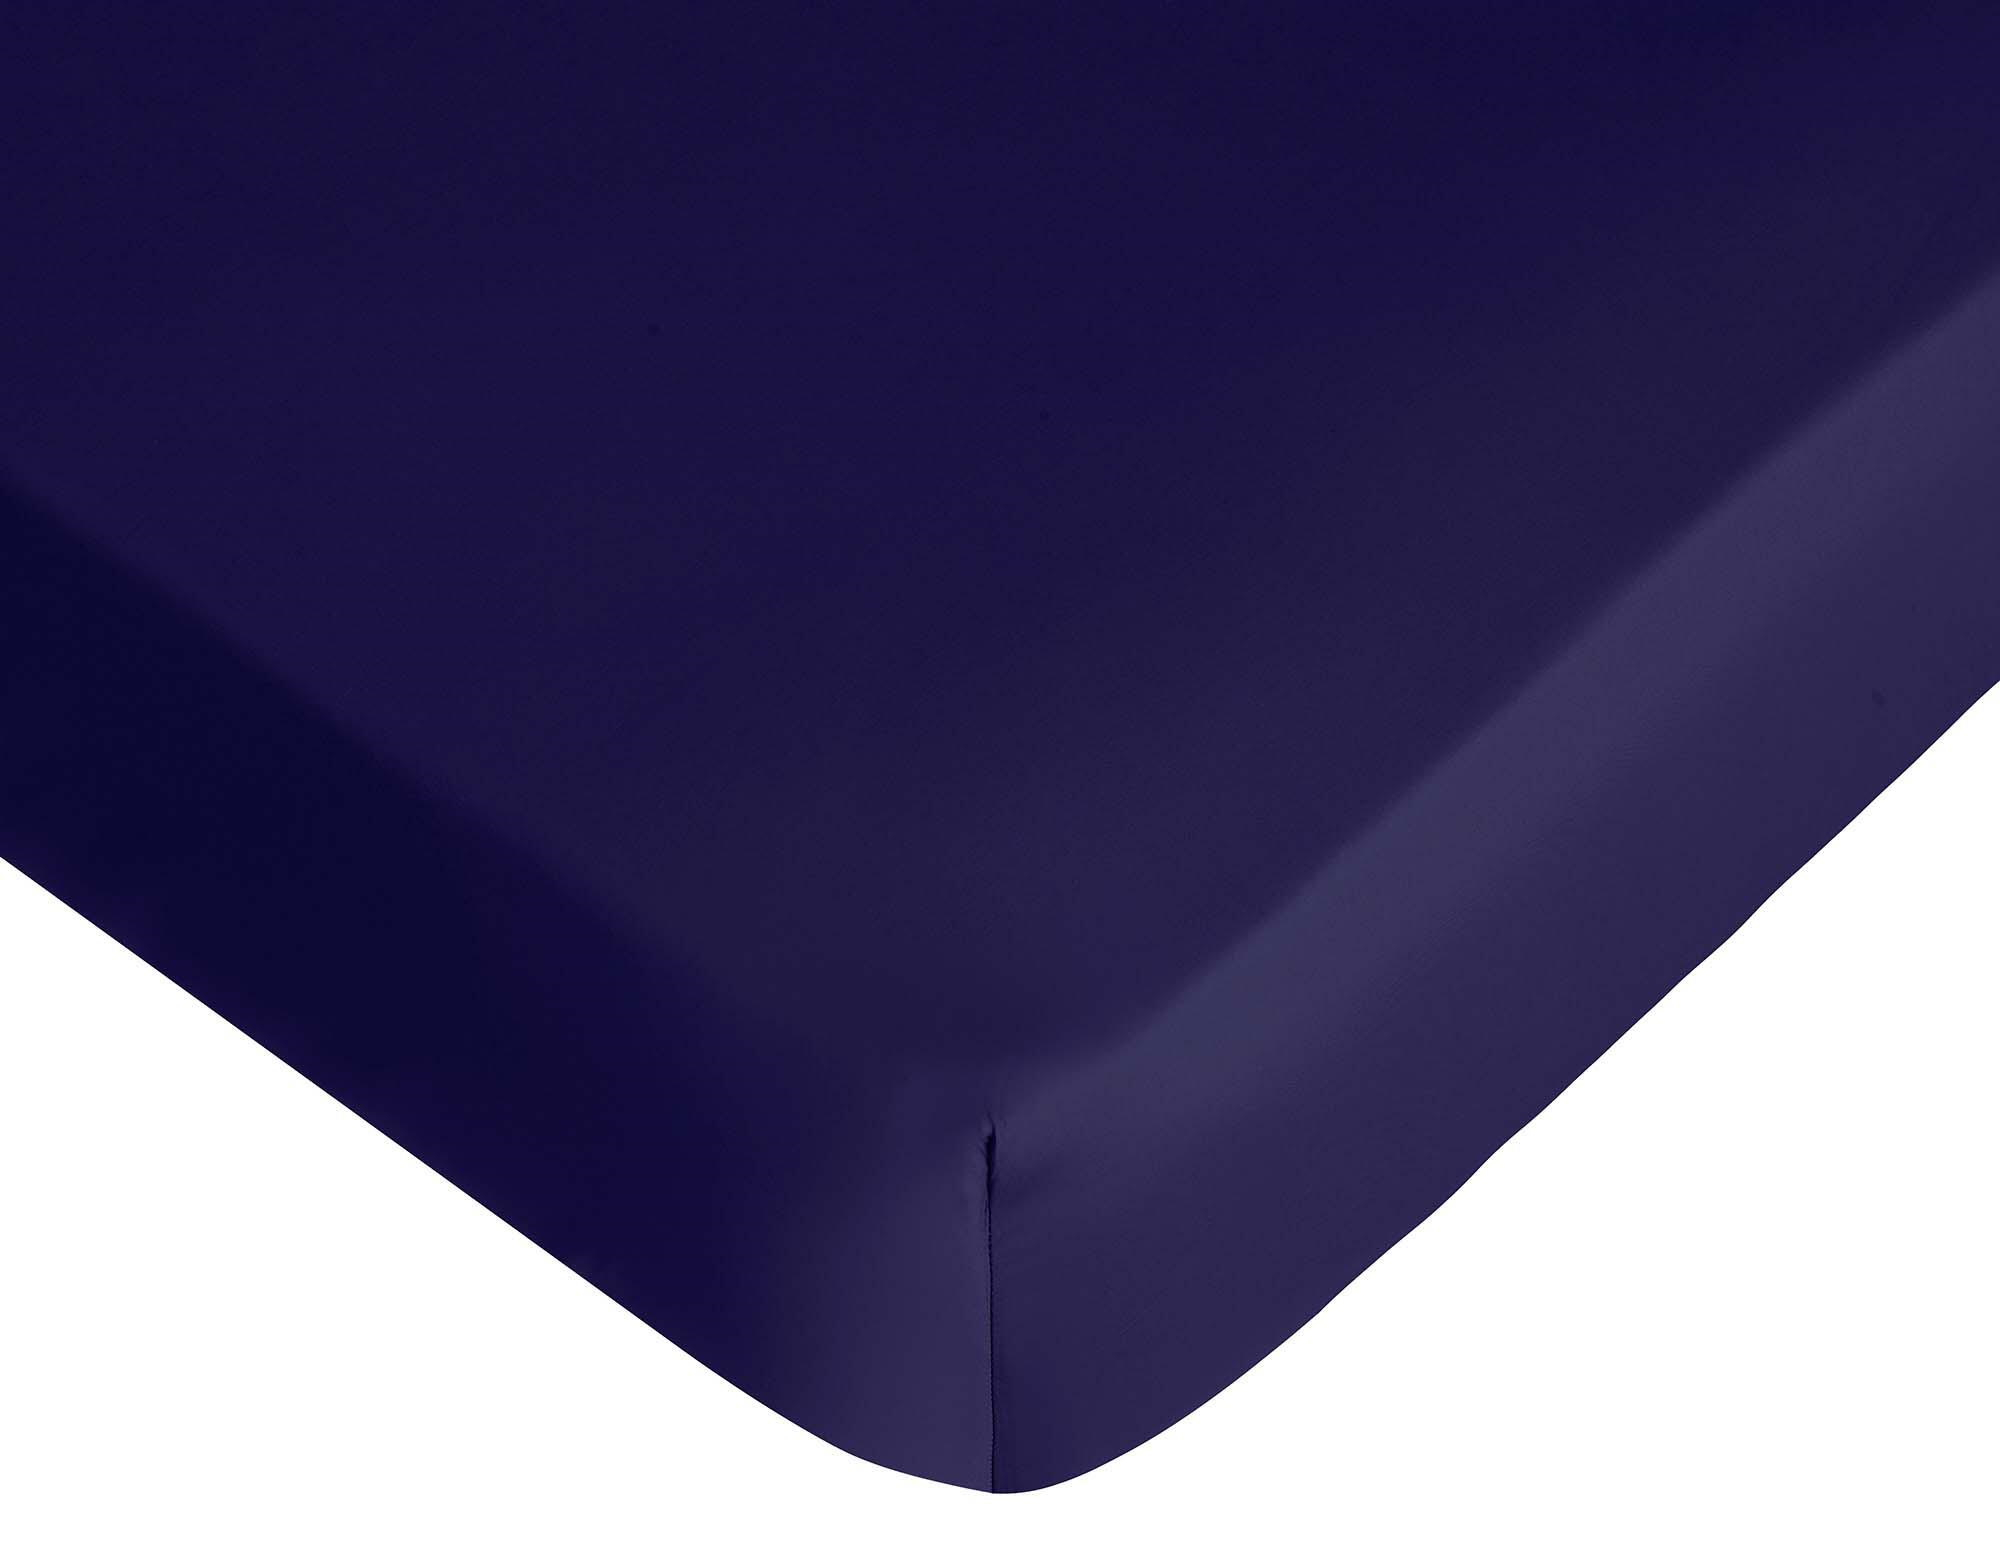 Cearceaf de pat cu elastic Descamps Satin Sublime 160x200cm Albastru Marin poza